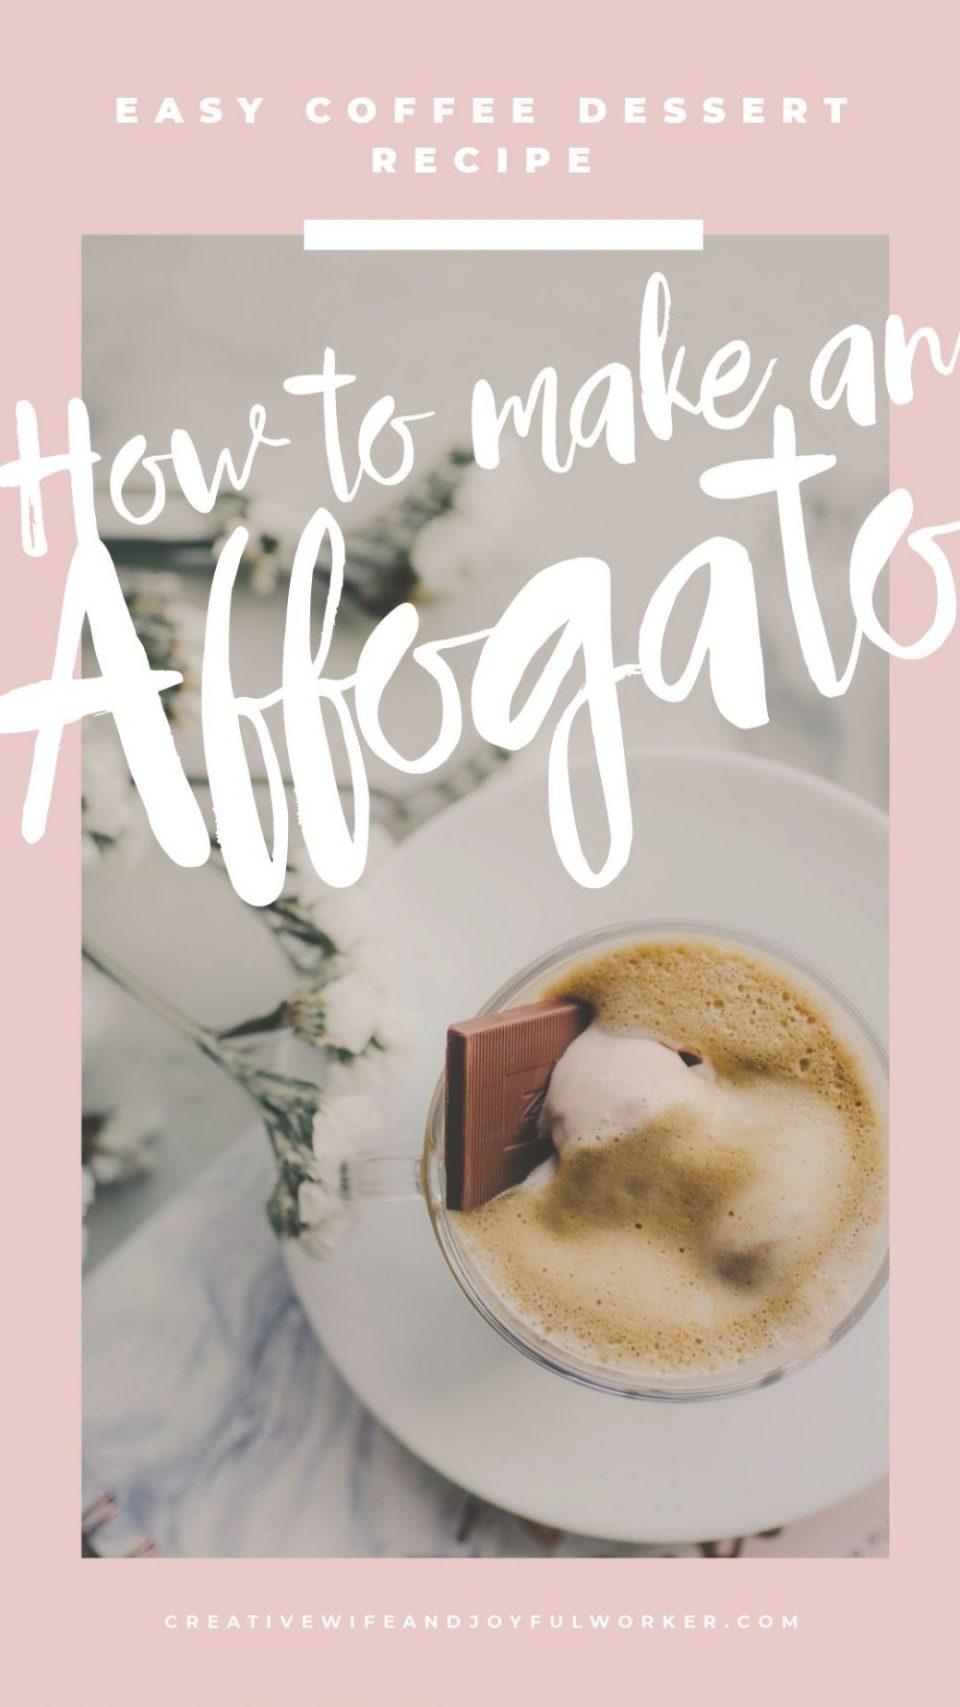 How to Make an Affogato   Easy Coffee Dessert Recipe using a nespresso